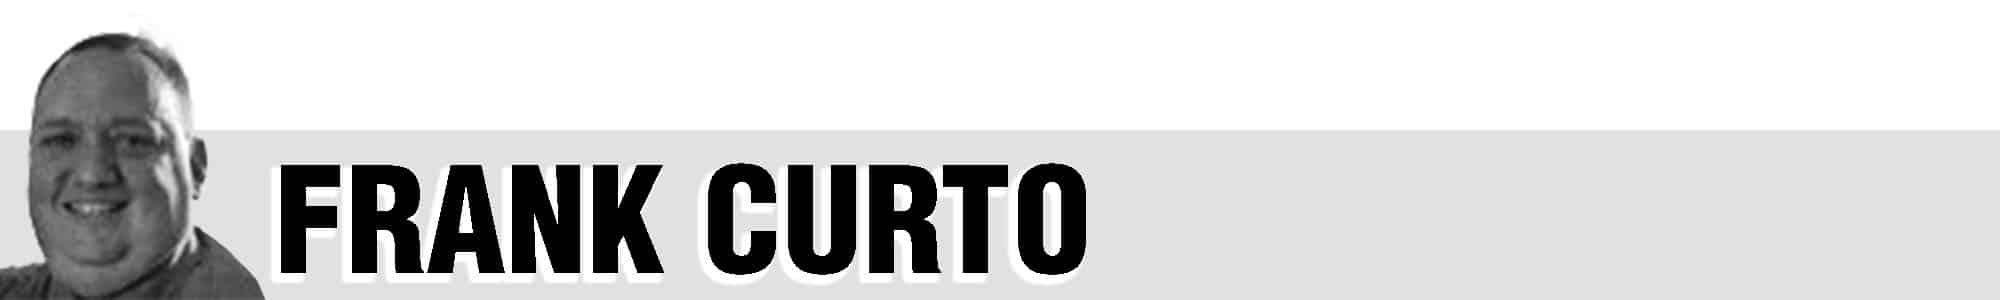 Frank Curto